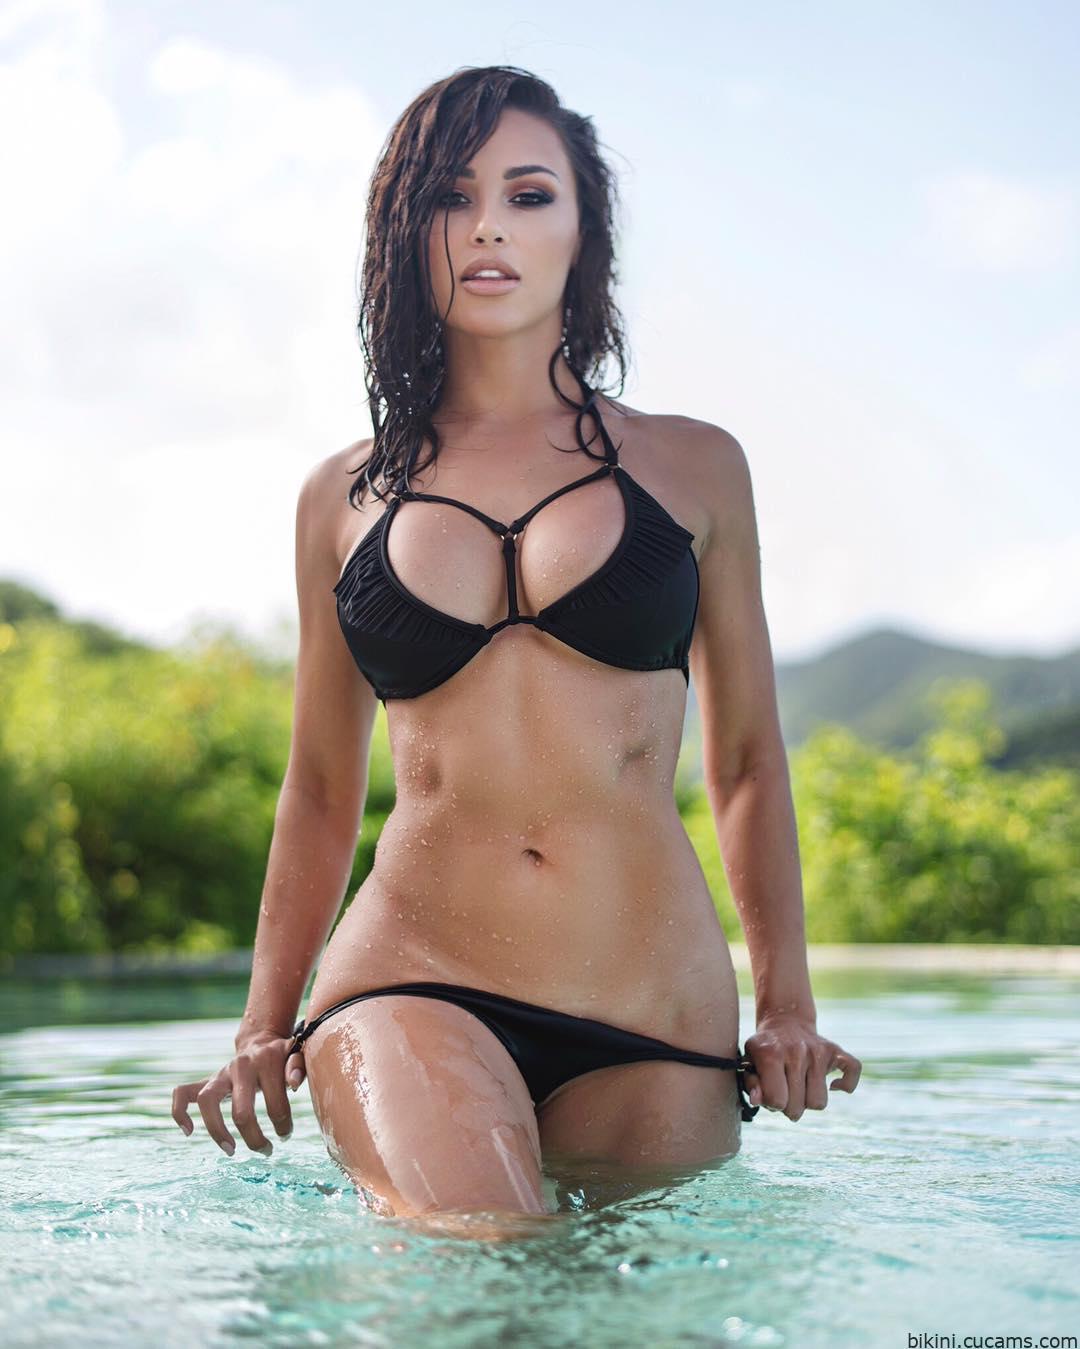 Bikini Cowgirl Gangbang by bikini.cucams.com